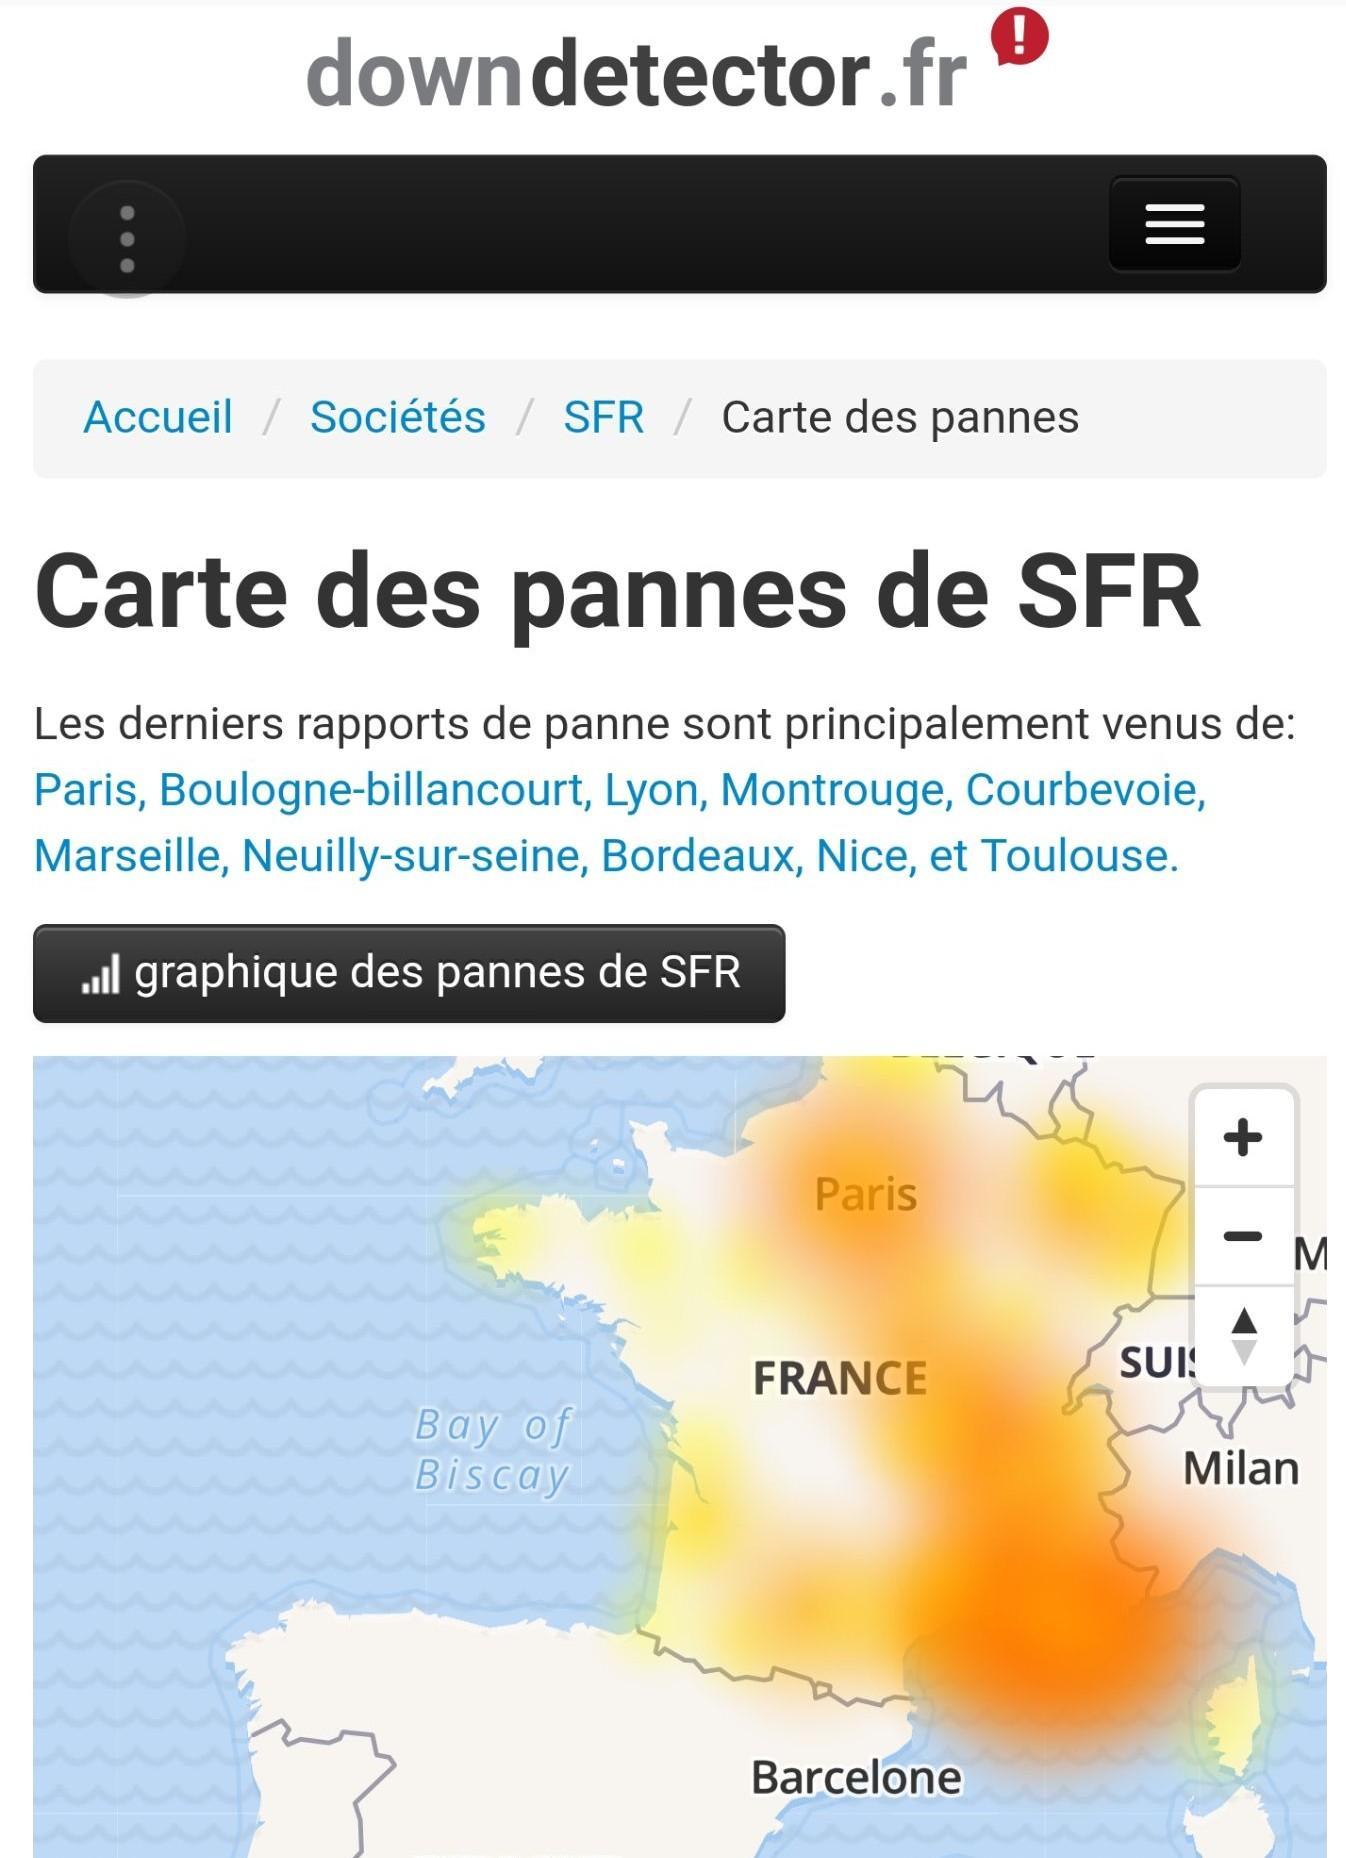 Le Sud de la France semble bel et bien touché